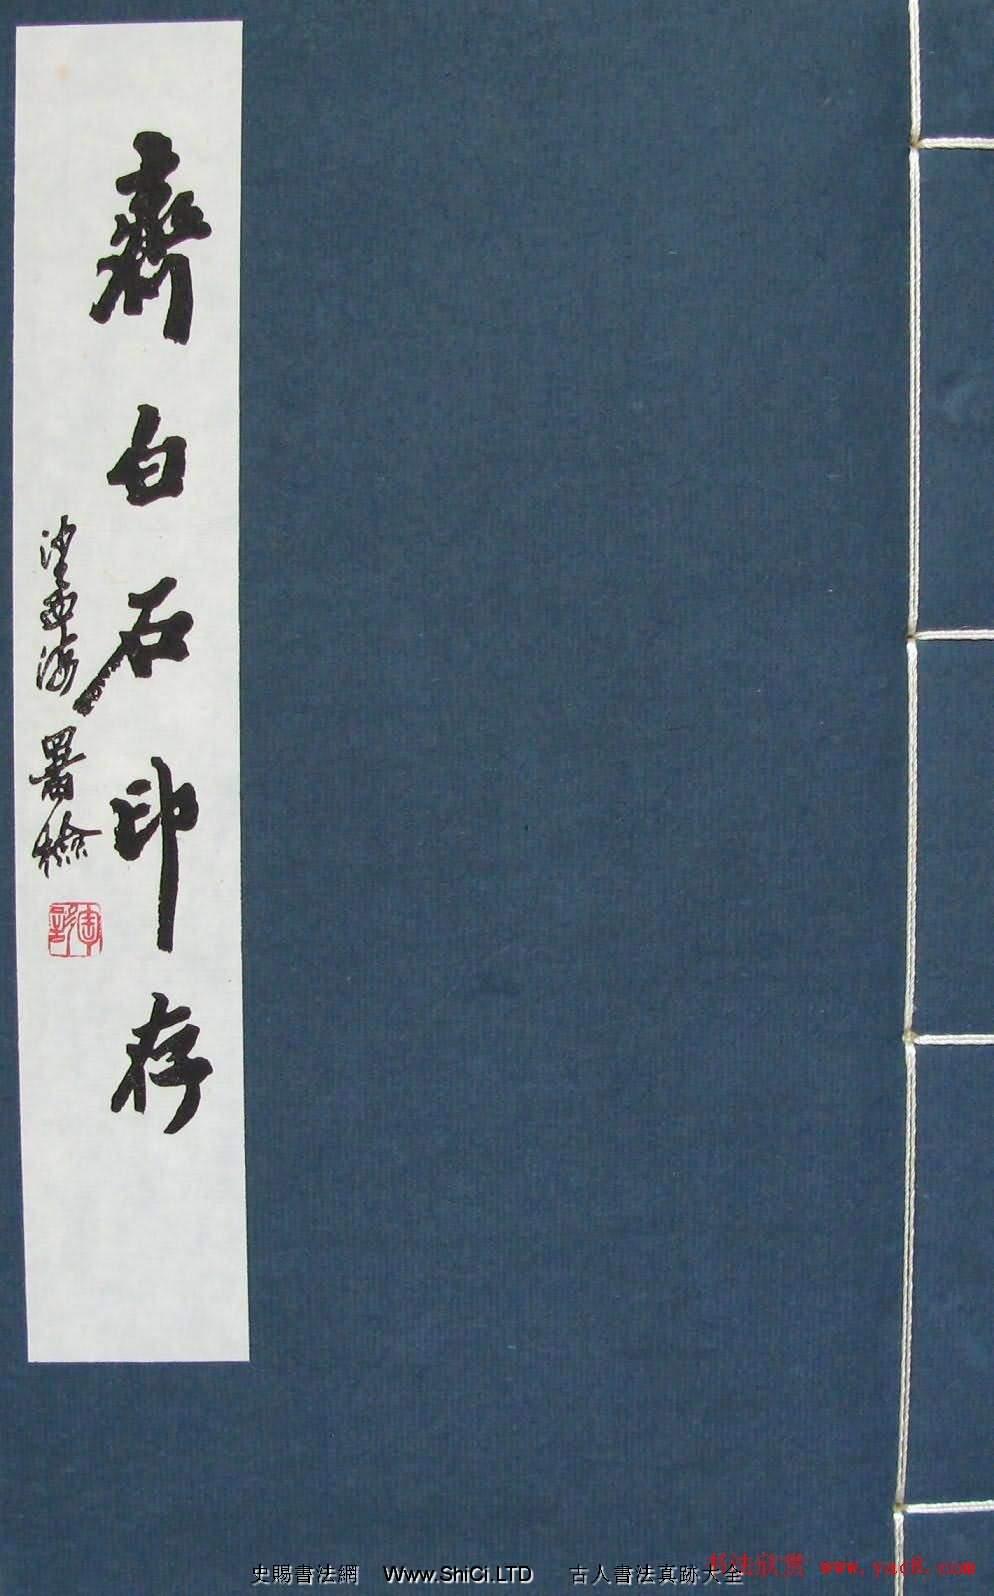 篆刻真跡欣賞《齊白石印存》原石精拓(共32張圖片)